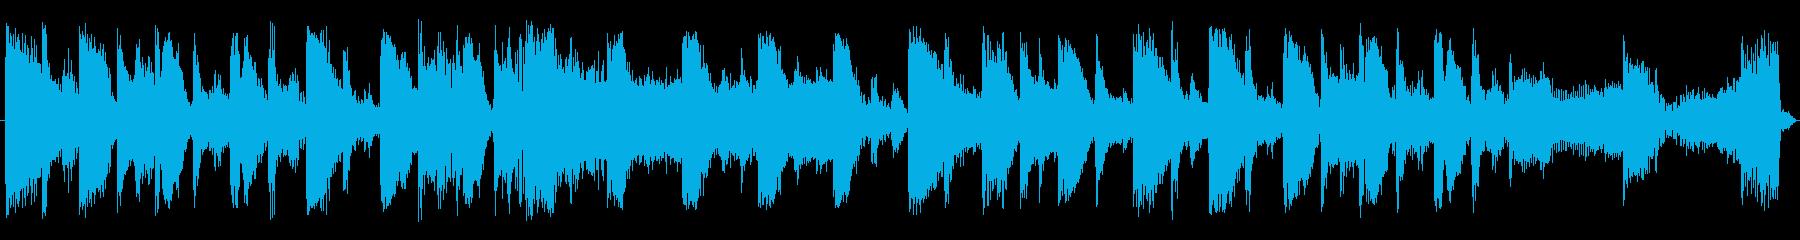 スイーパー1の再生済みの波形